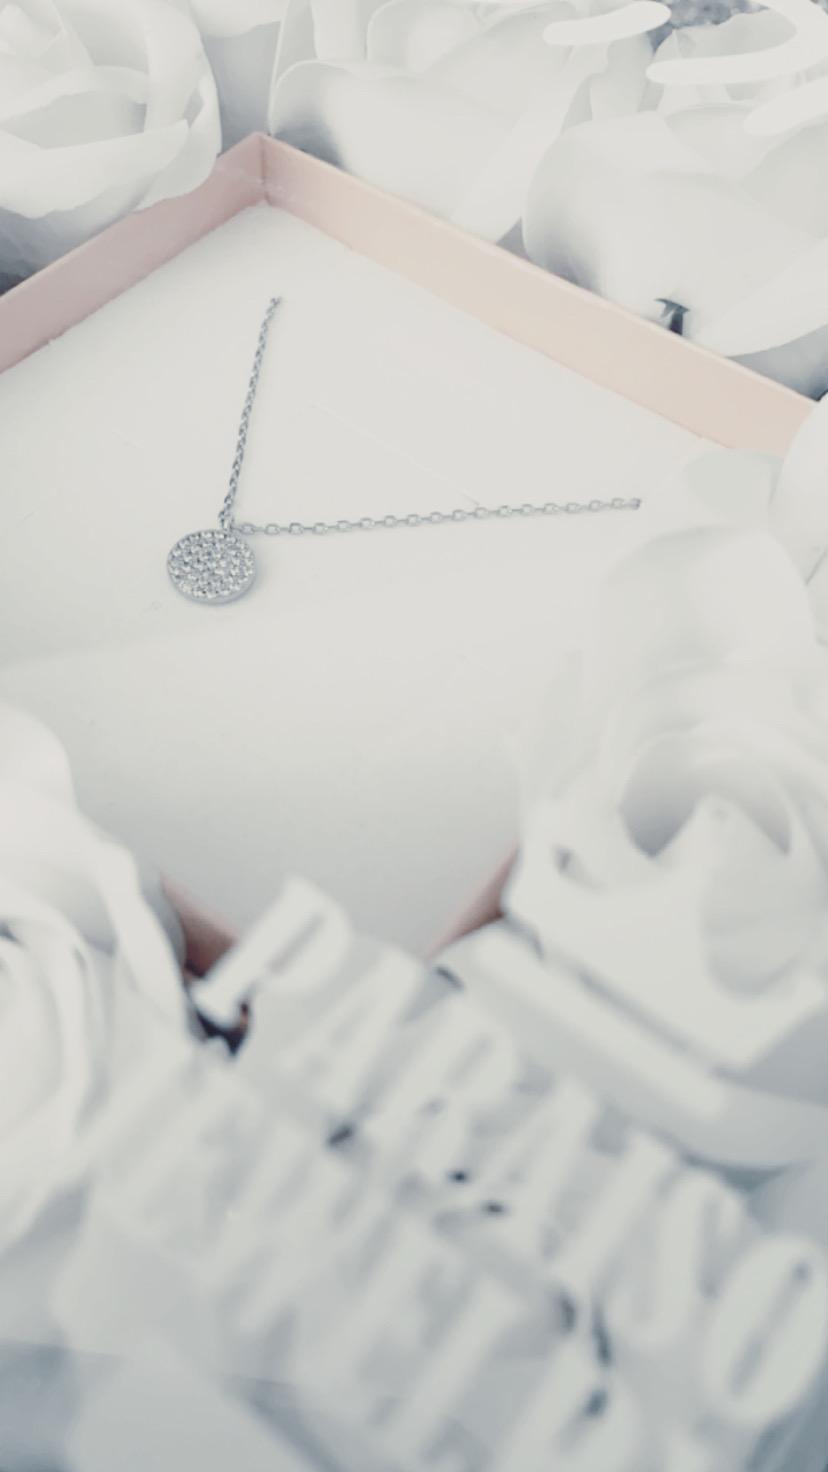 שרשרת כסף 925 מבית Paraiso Jewelry. צילום: רוני שקדי